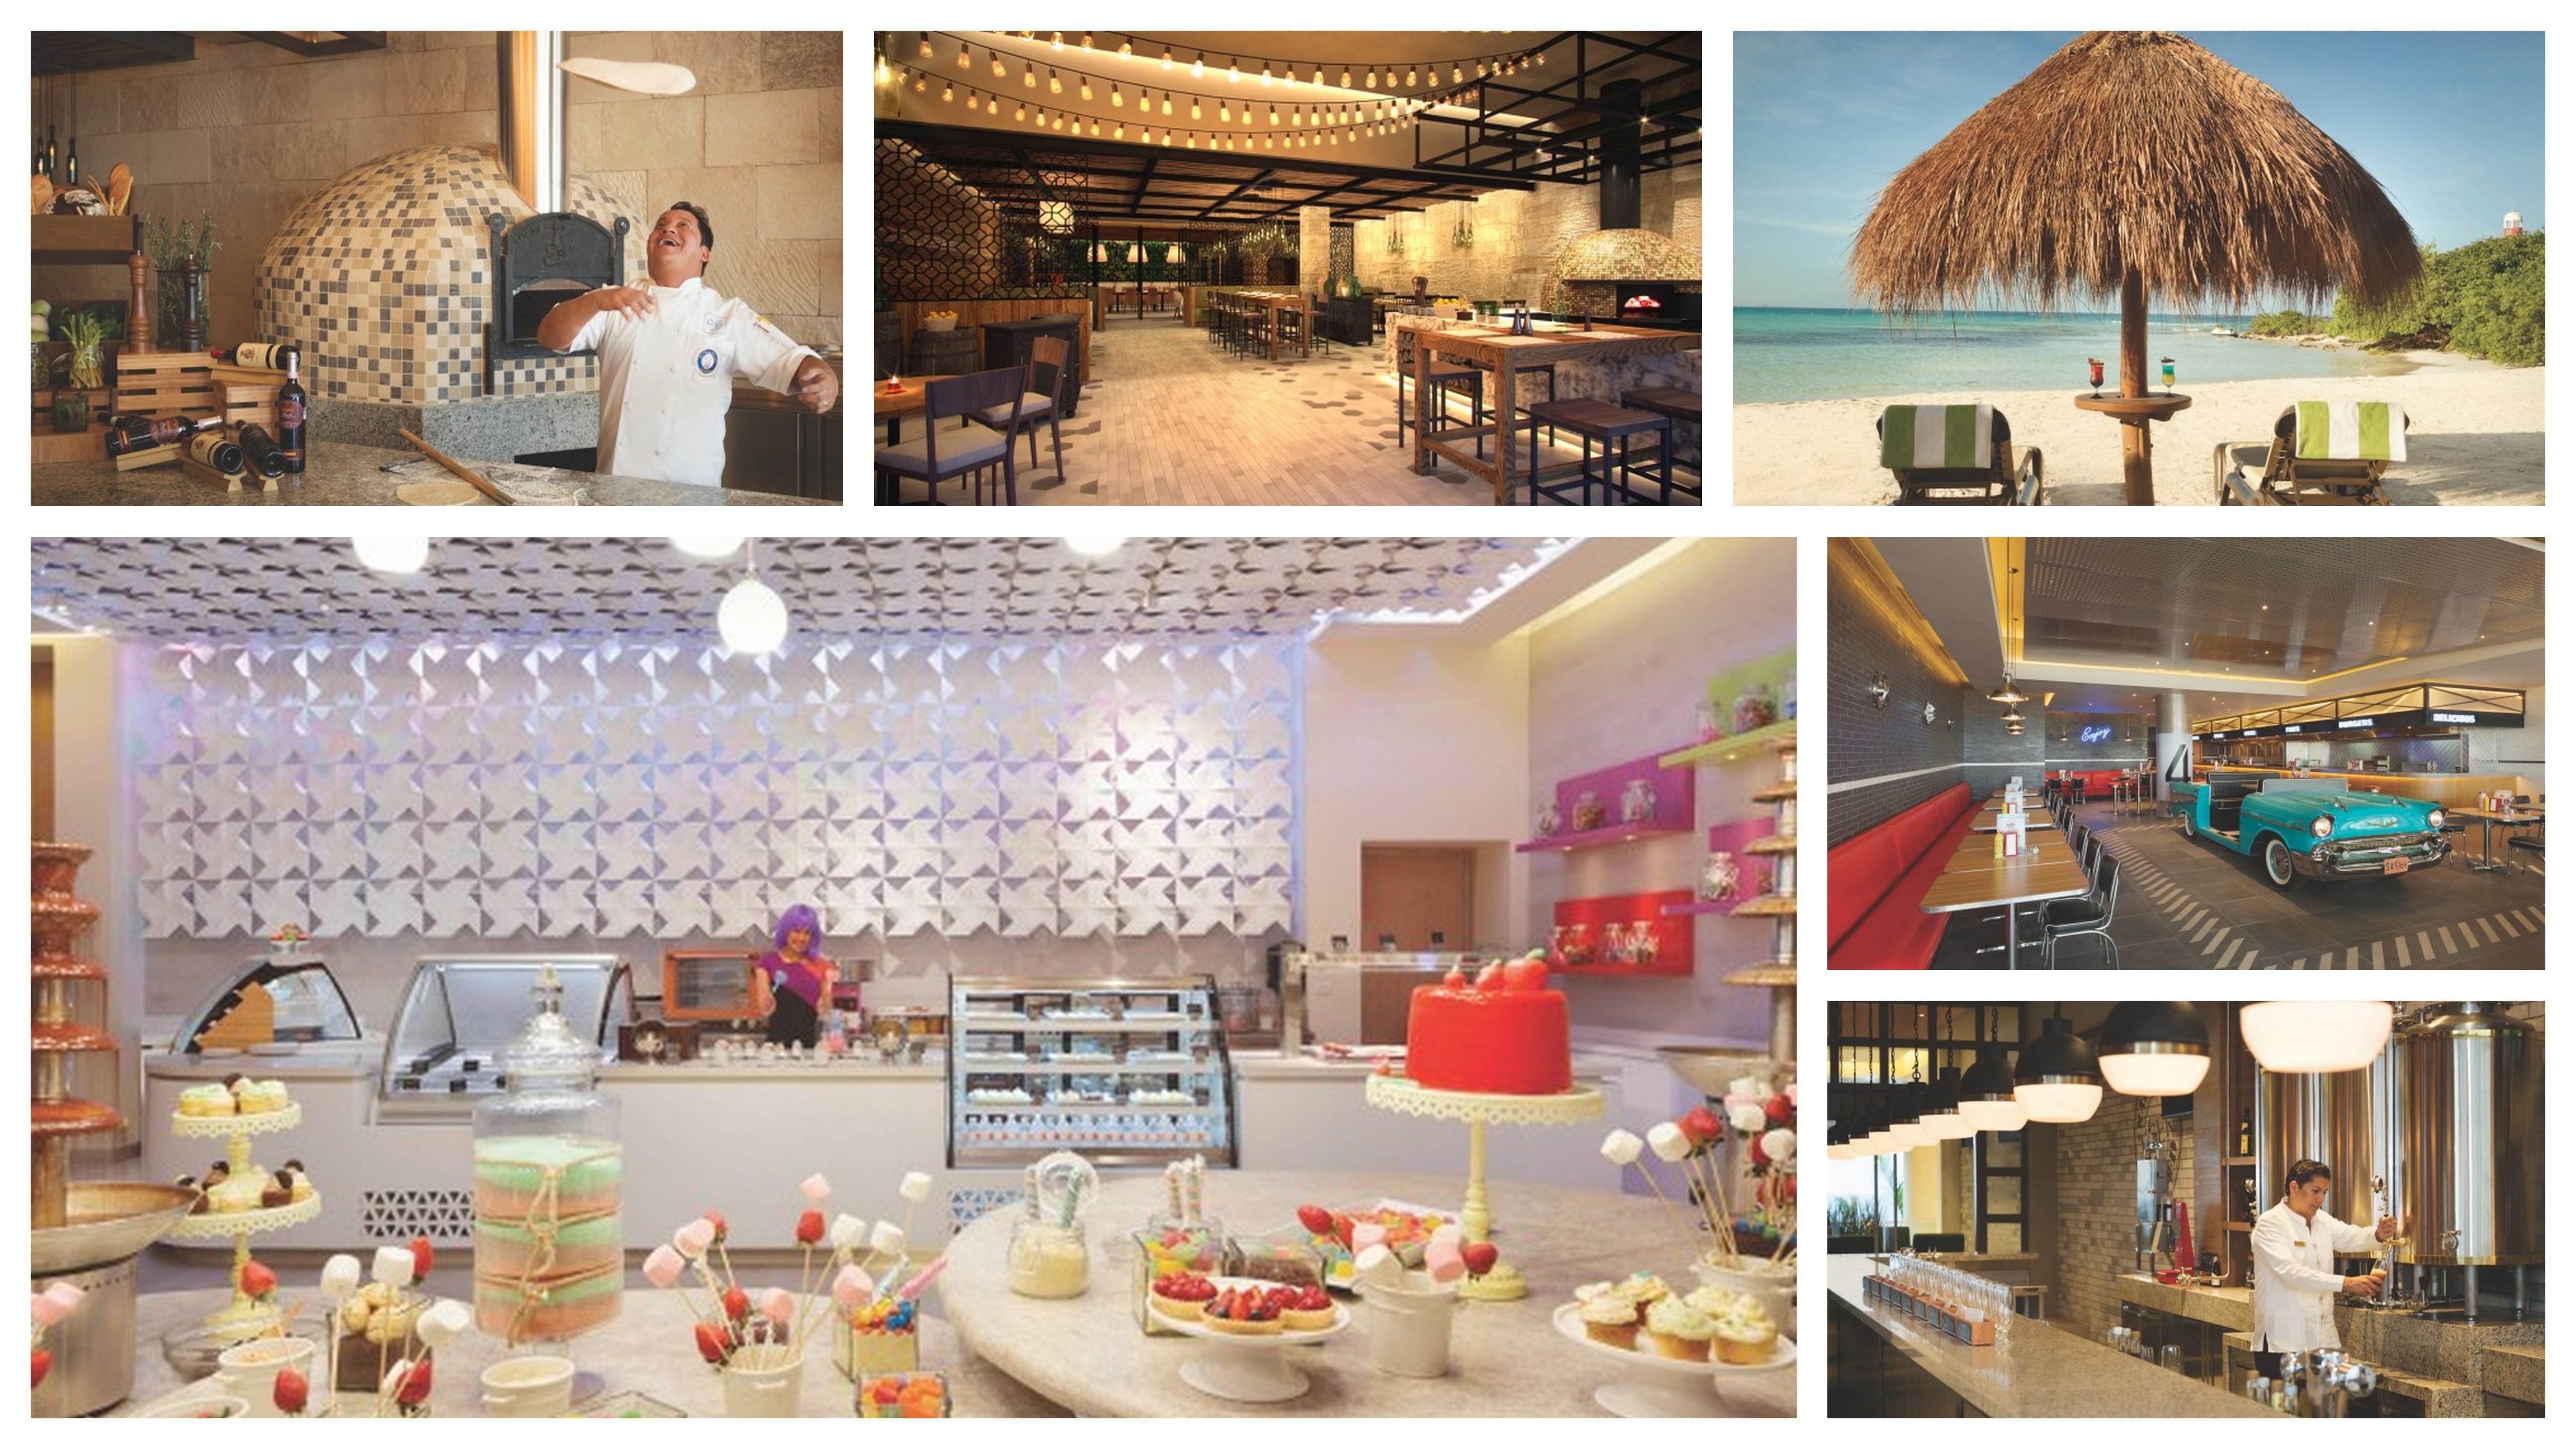 Hyatt Ziva Cancun Collage Restaurants